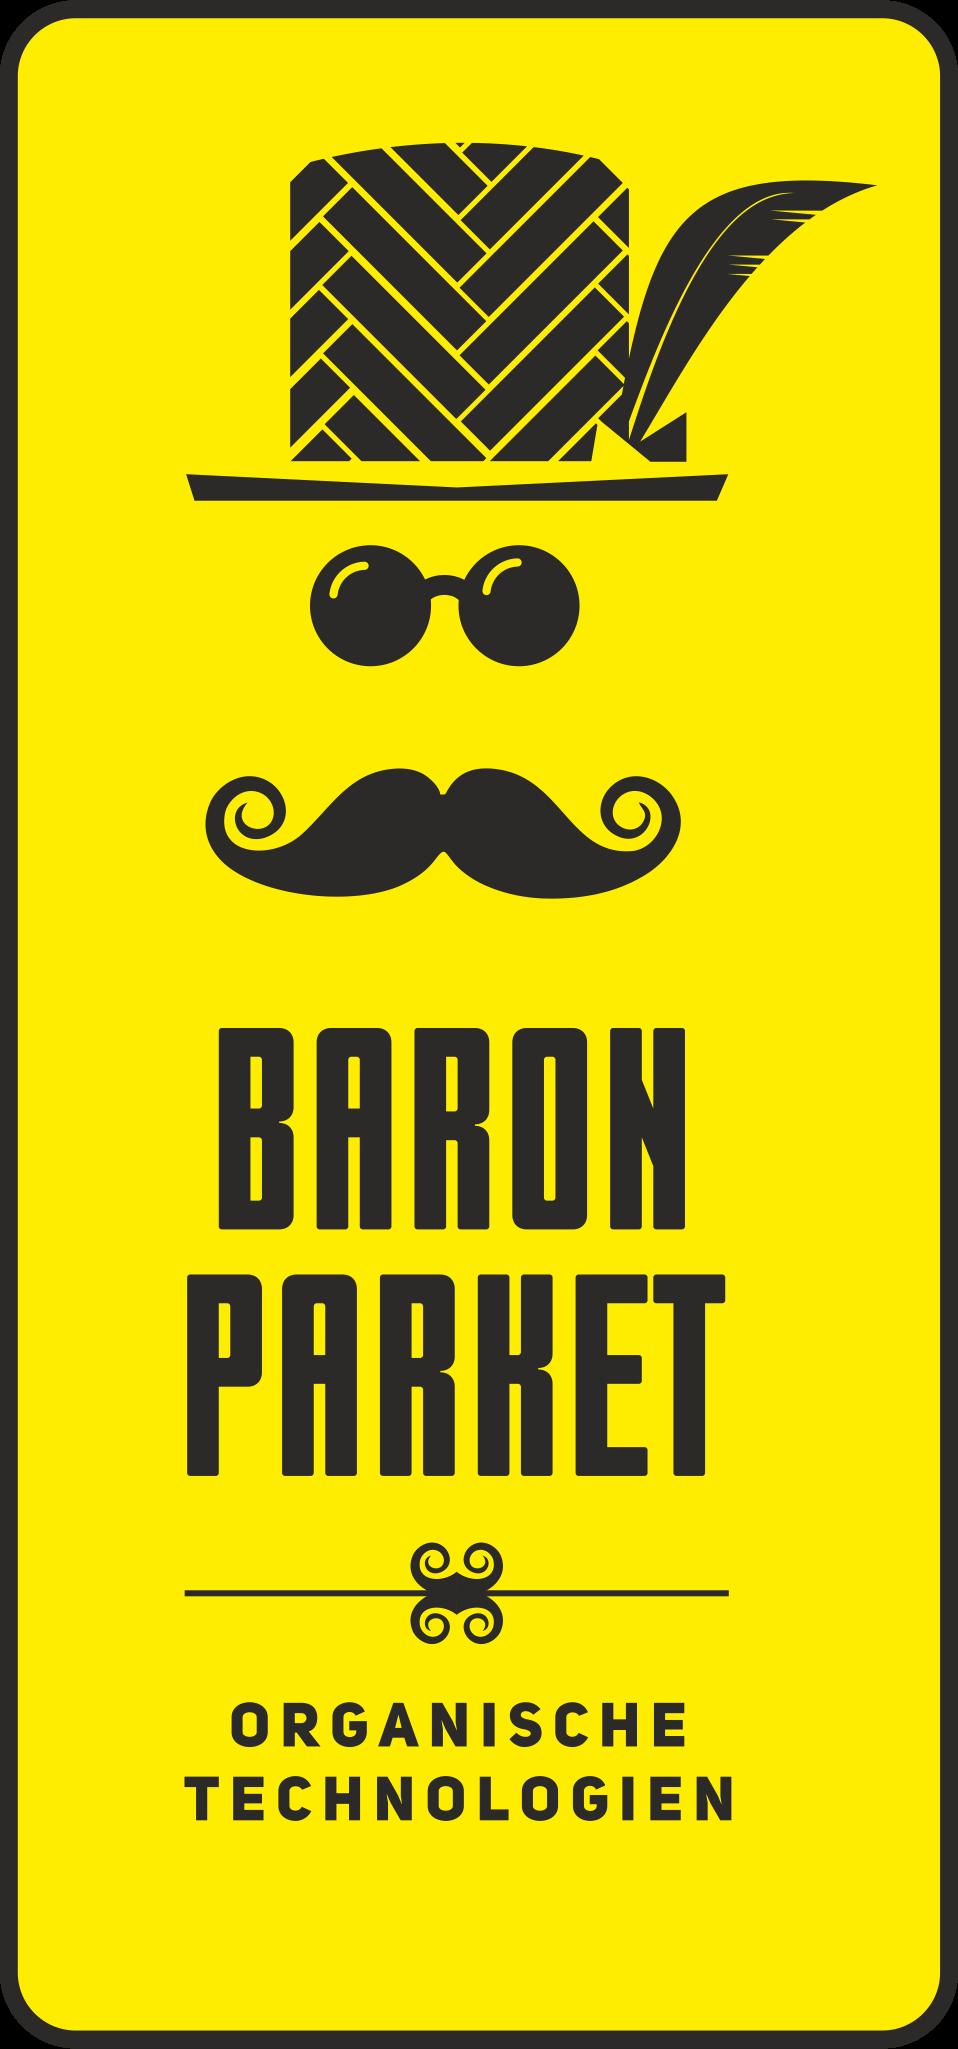 Напольные покрытия Baron Parket